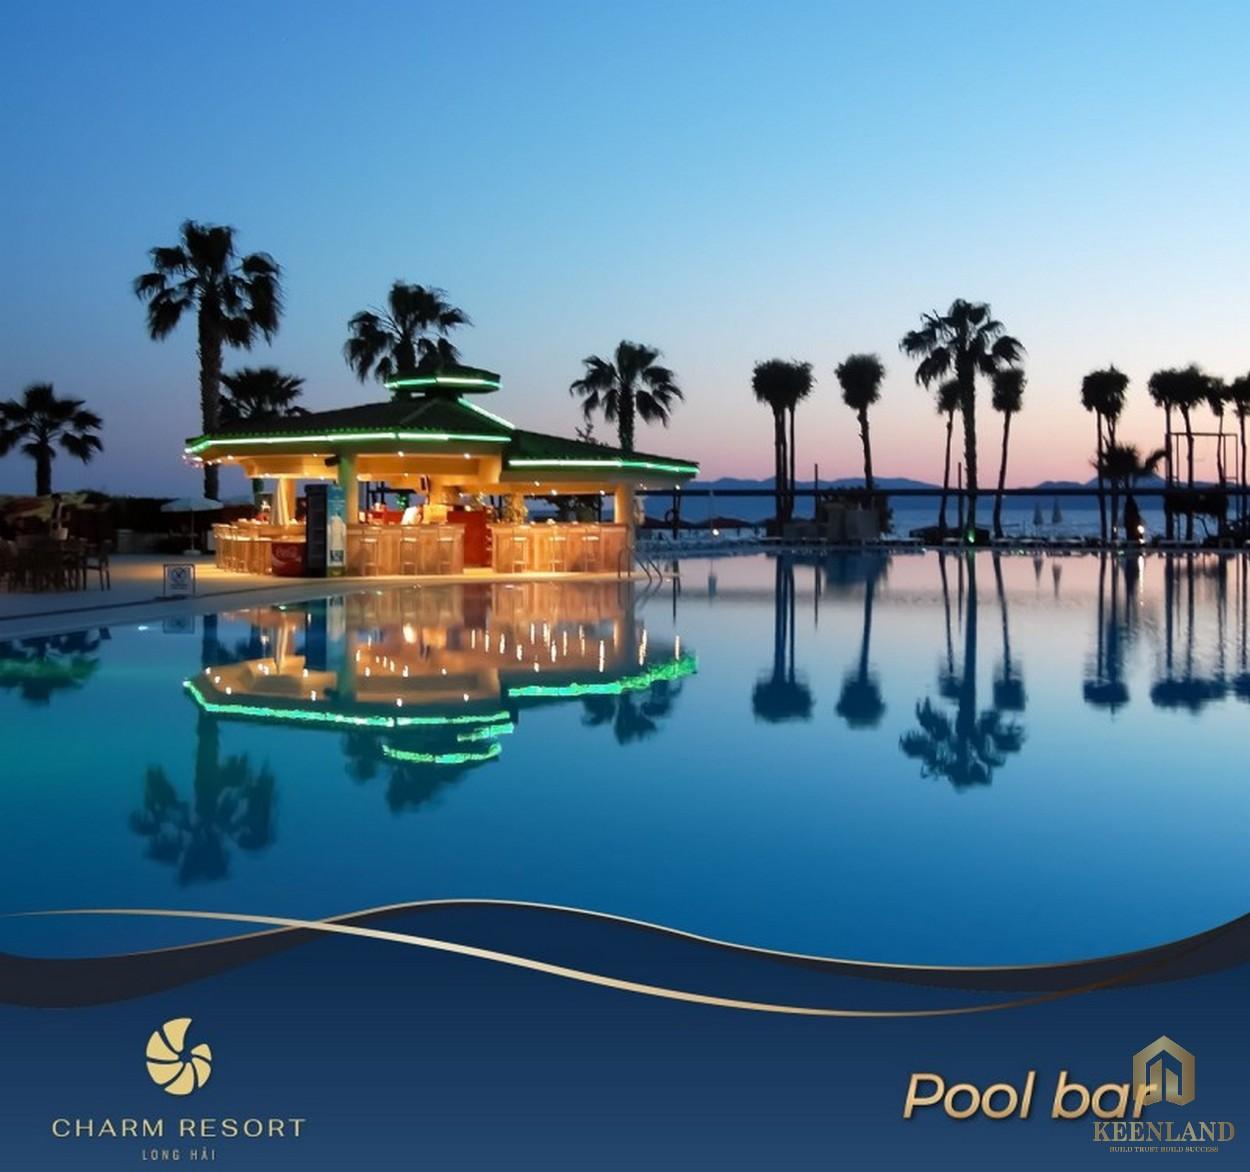 Charm Resort Long Hải - Pool bar về đêm